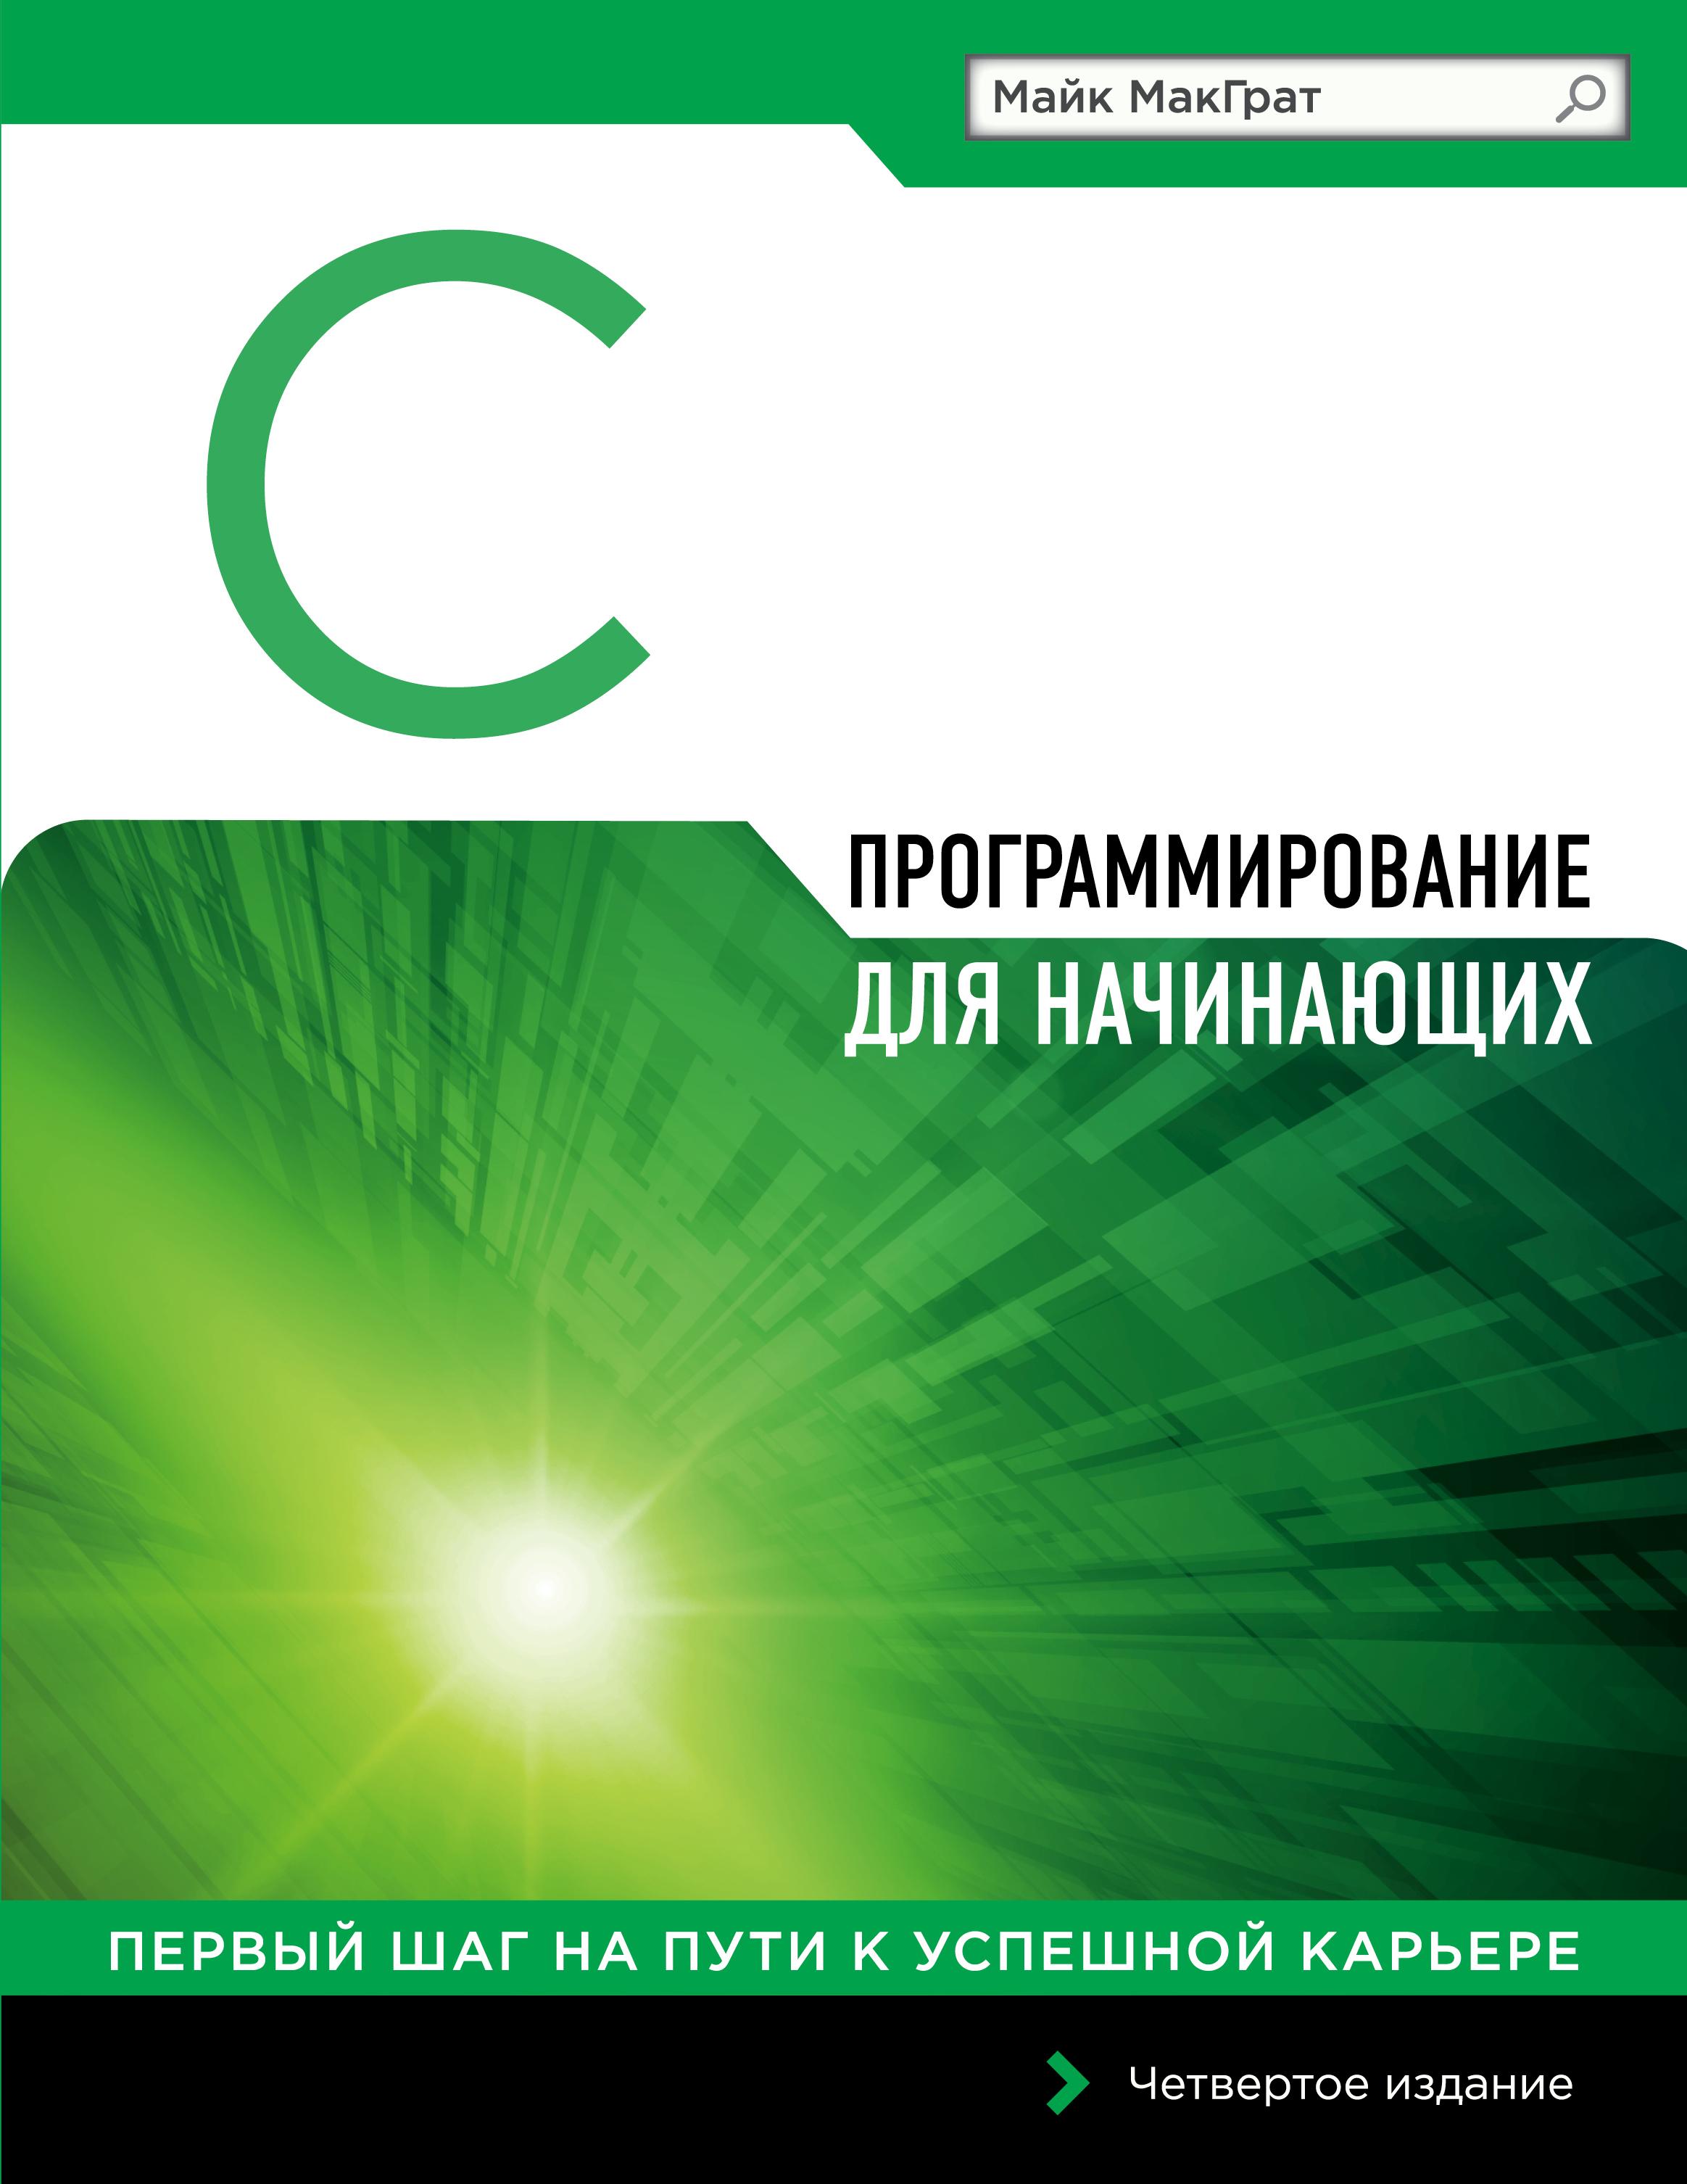 Программирование на C для начинающих ( МакГрат М.  )